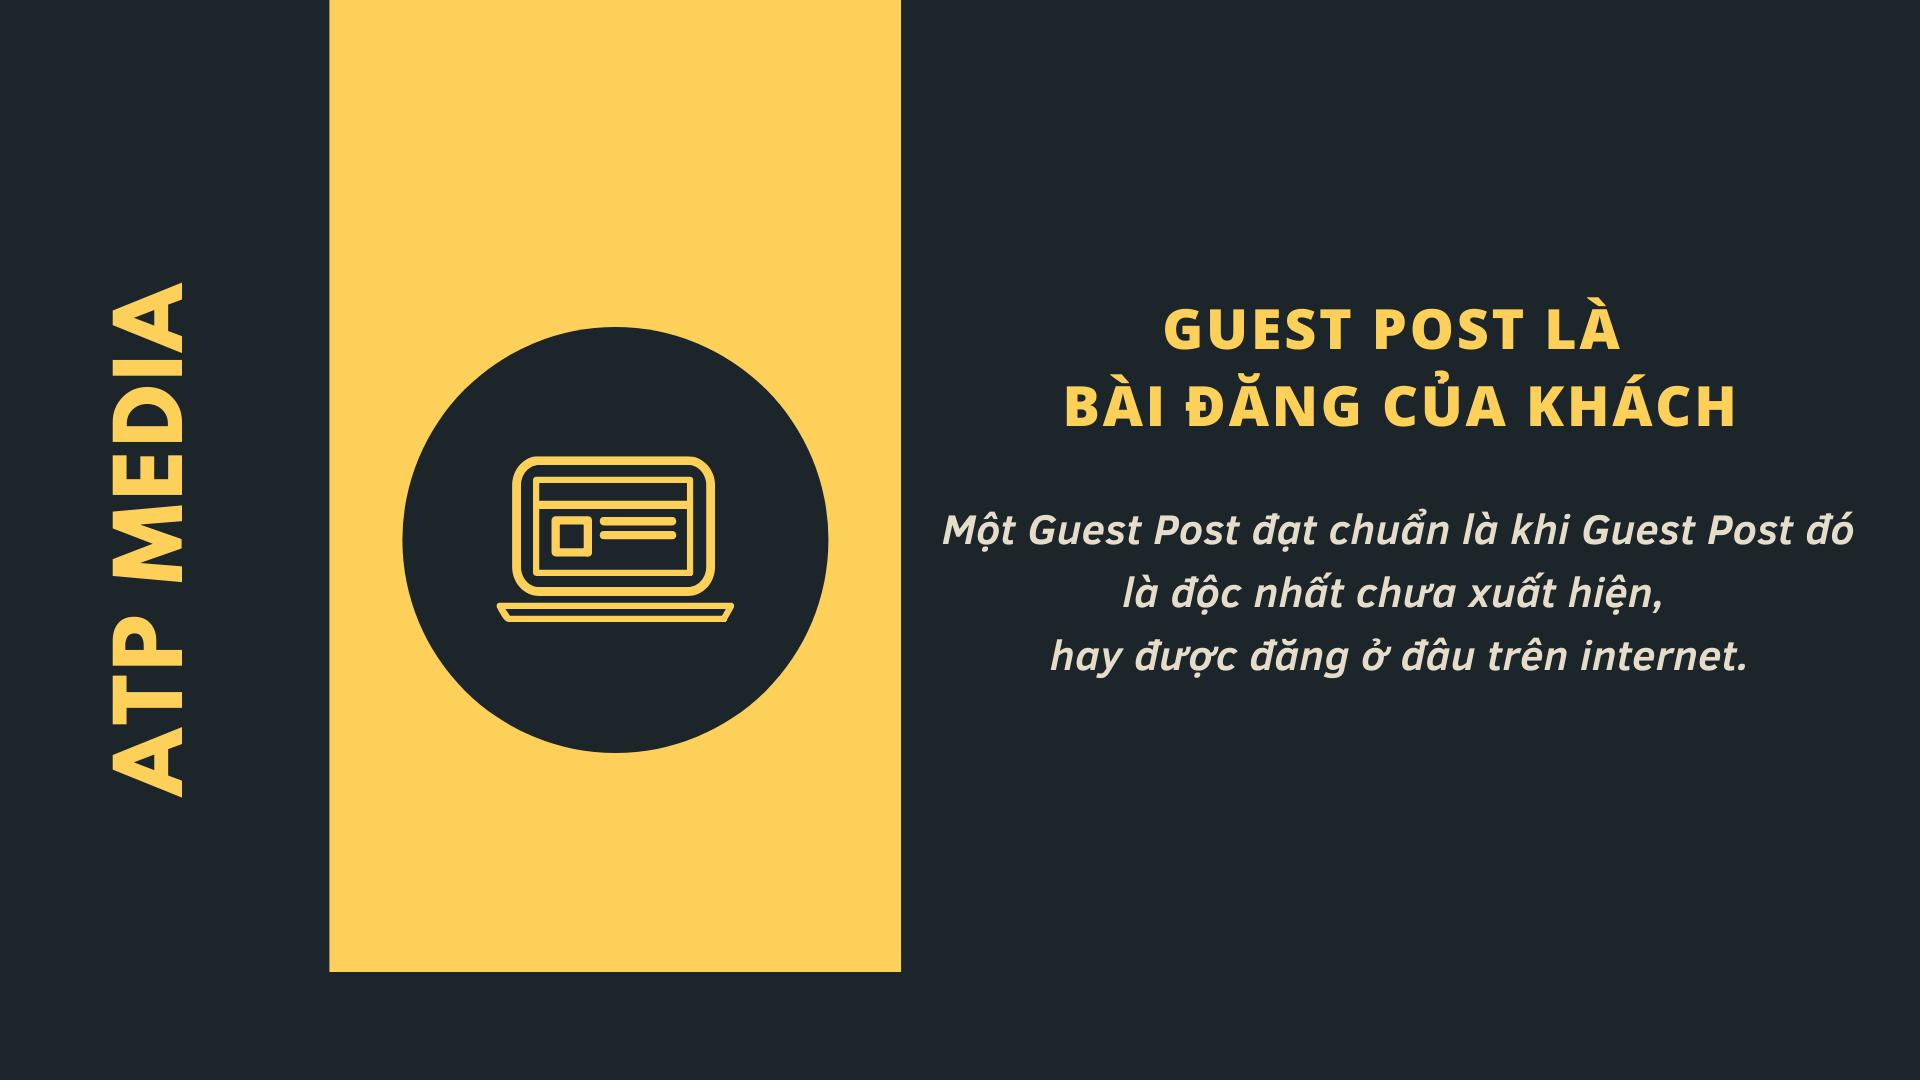 Guest Post cần là độc nhất chưa xuất hiện, hay được đăng ở đâu trên interne